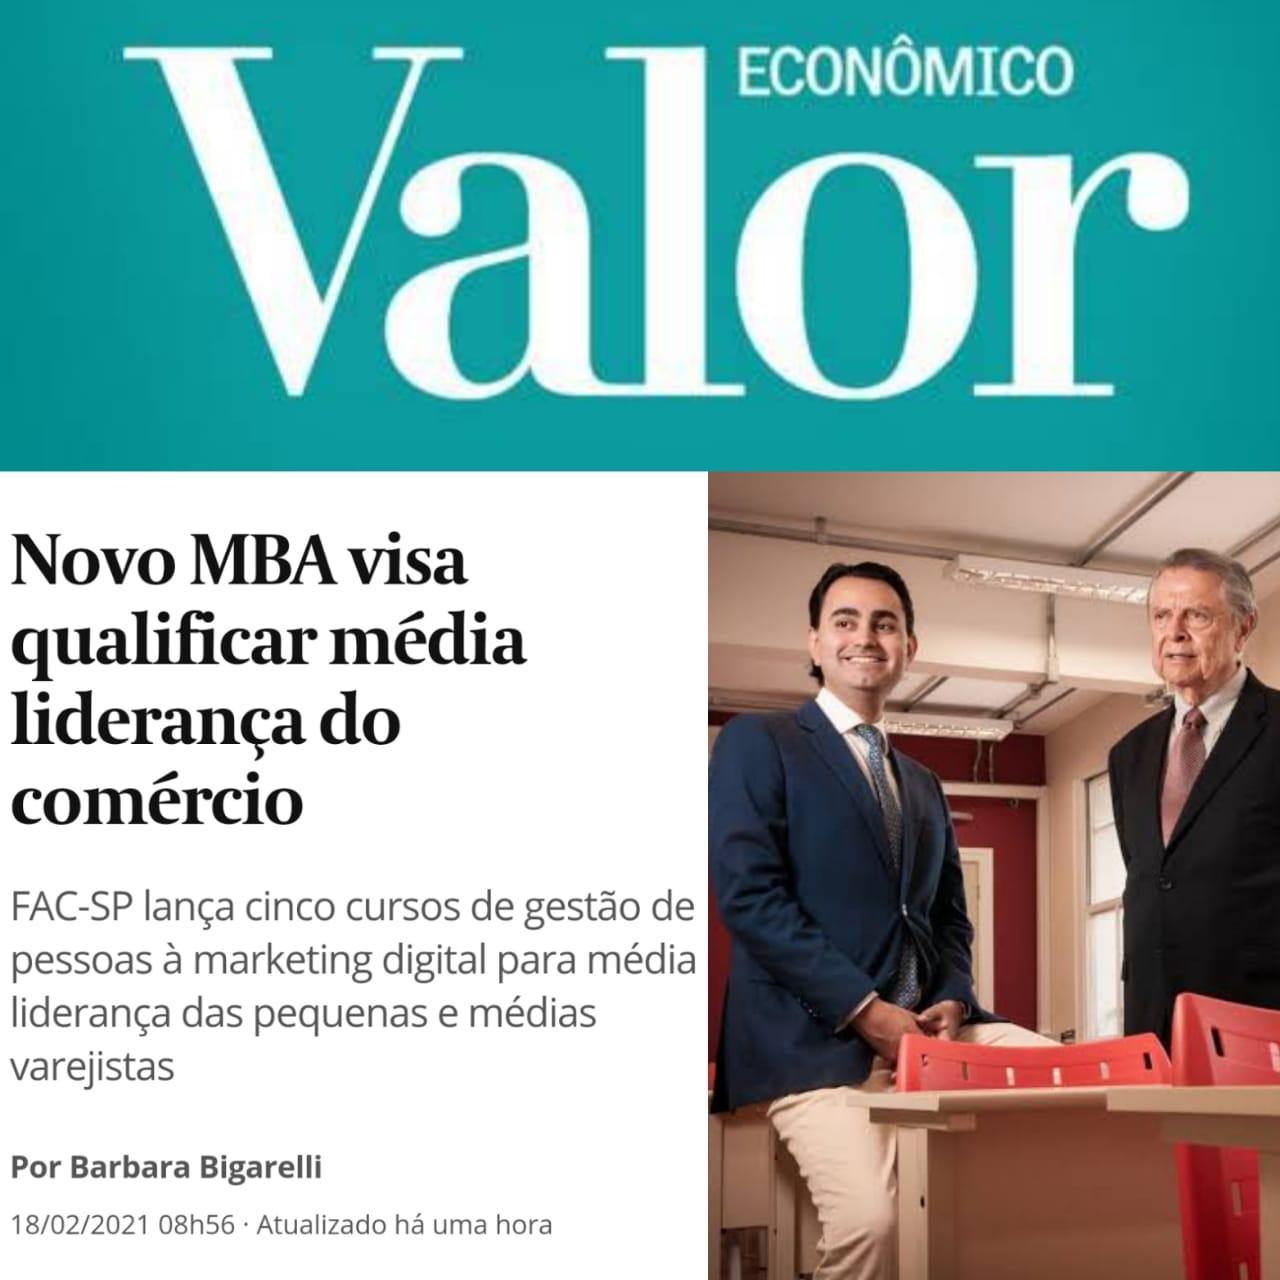 Novo MBA visa qualificar média liderança do comércio